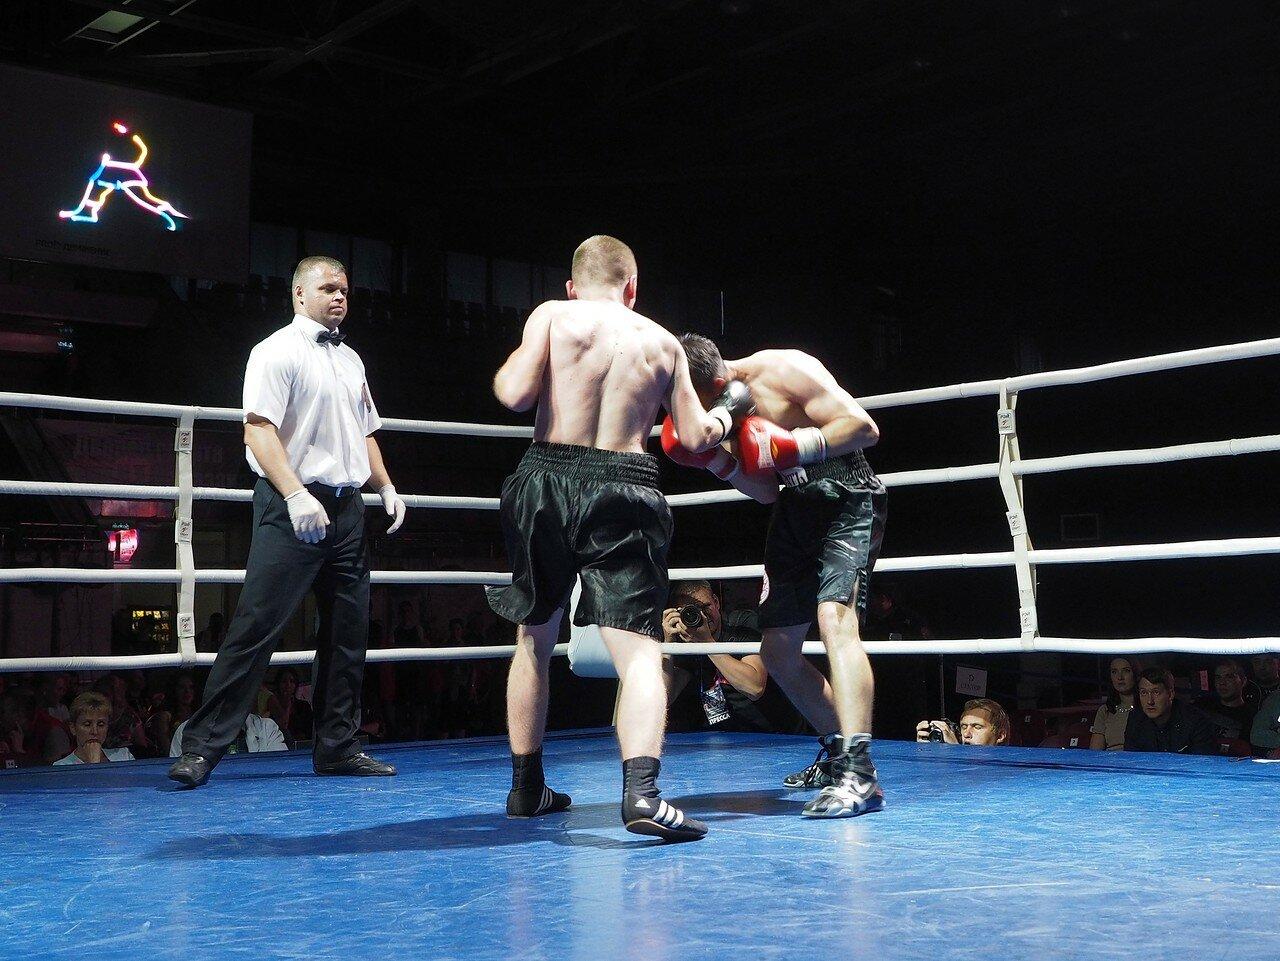 107 Вечер профессионального бокса в Магнитогорске 06.07.2017